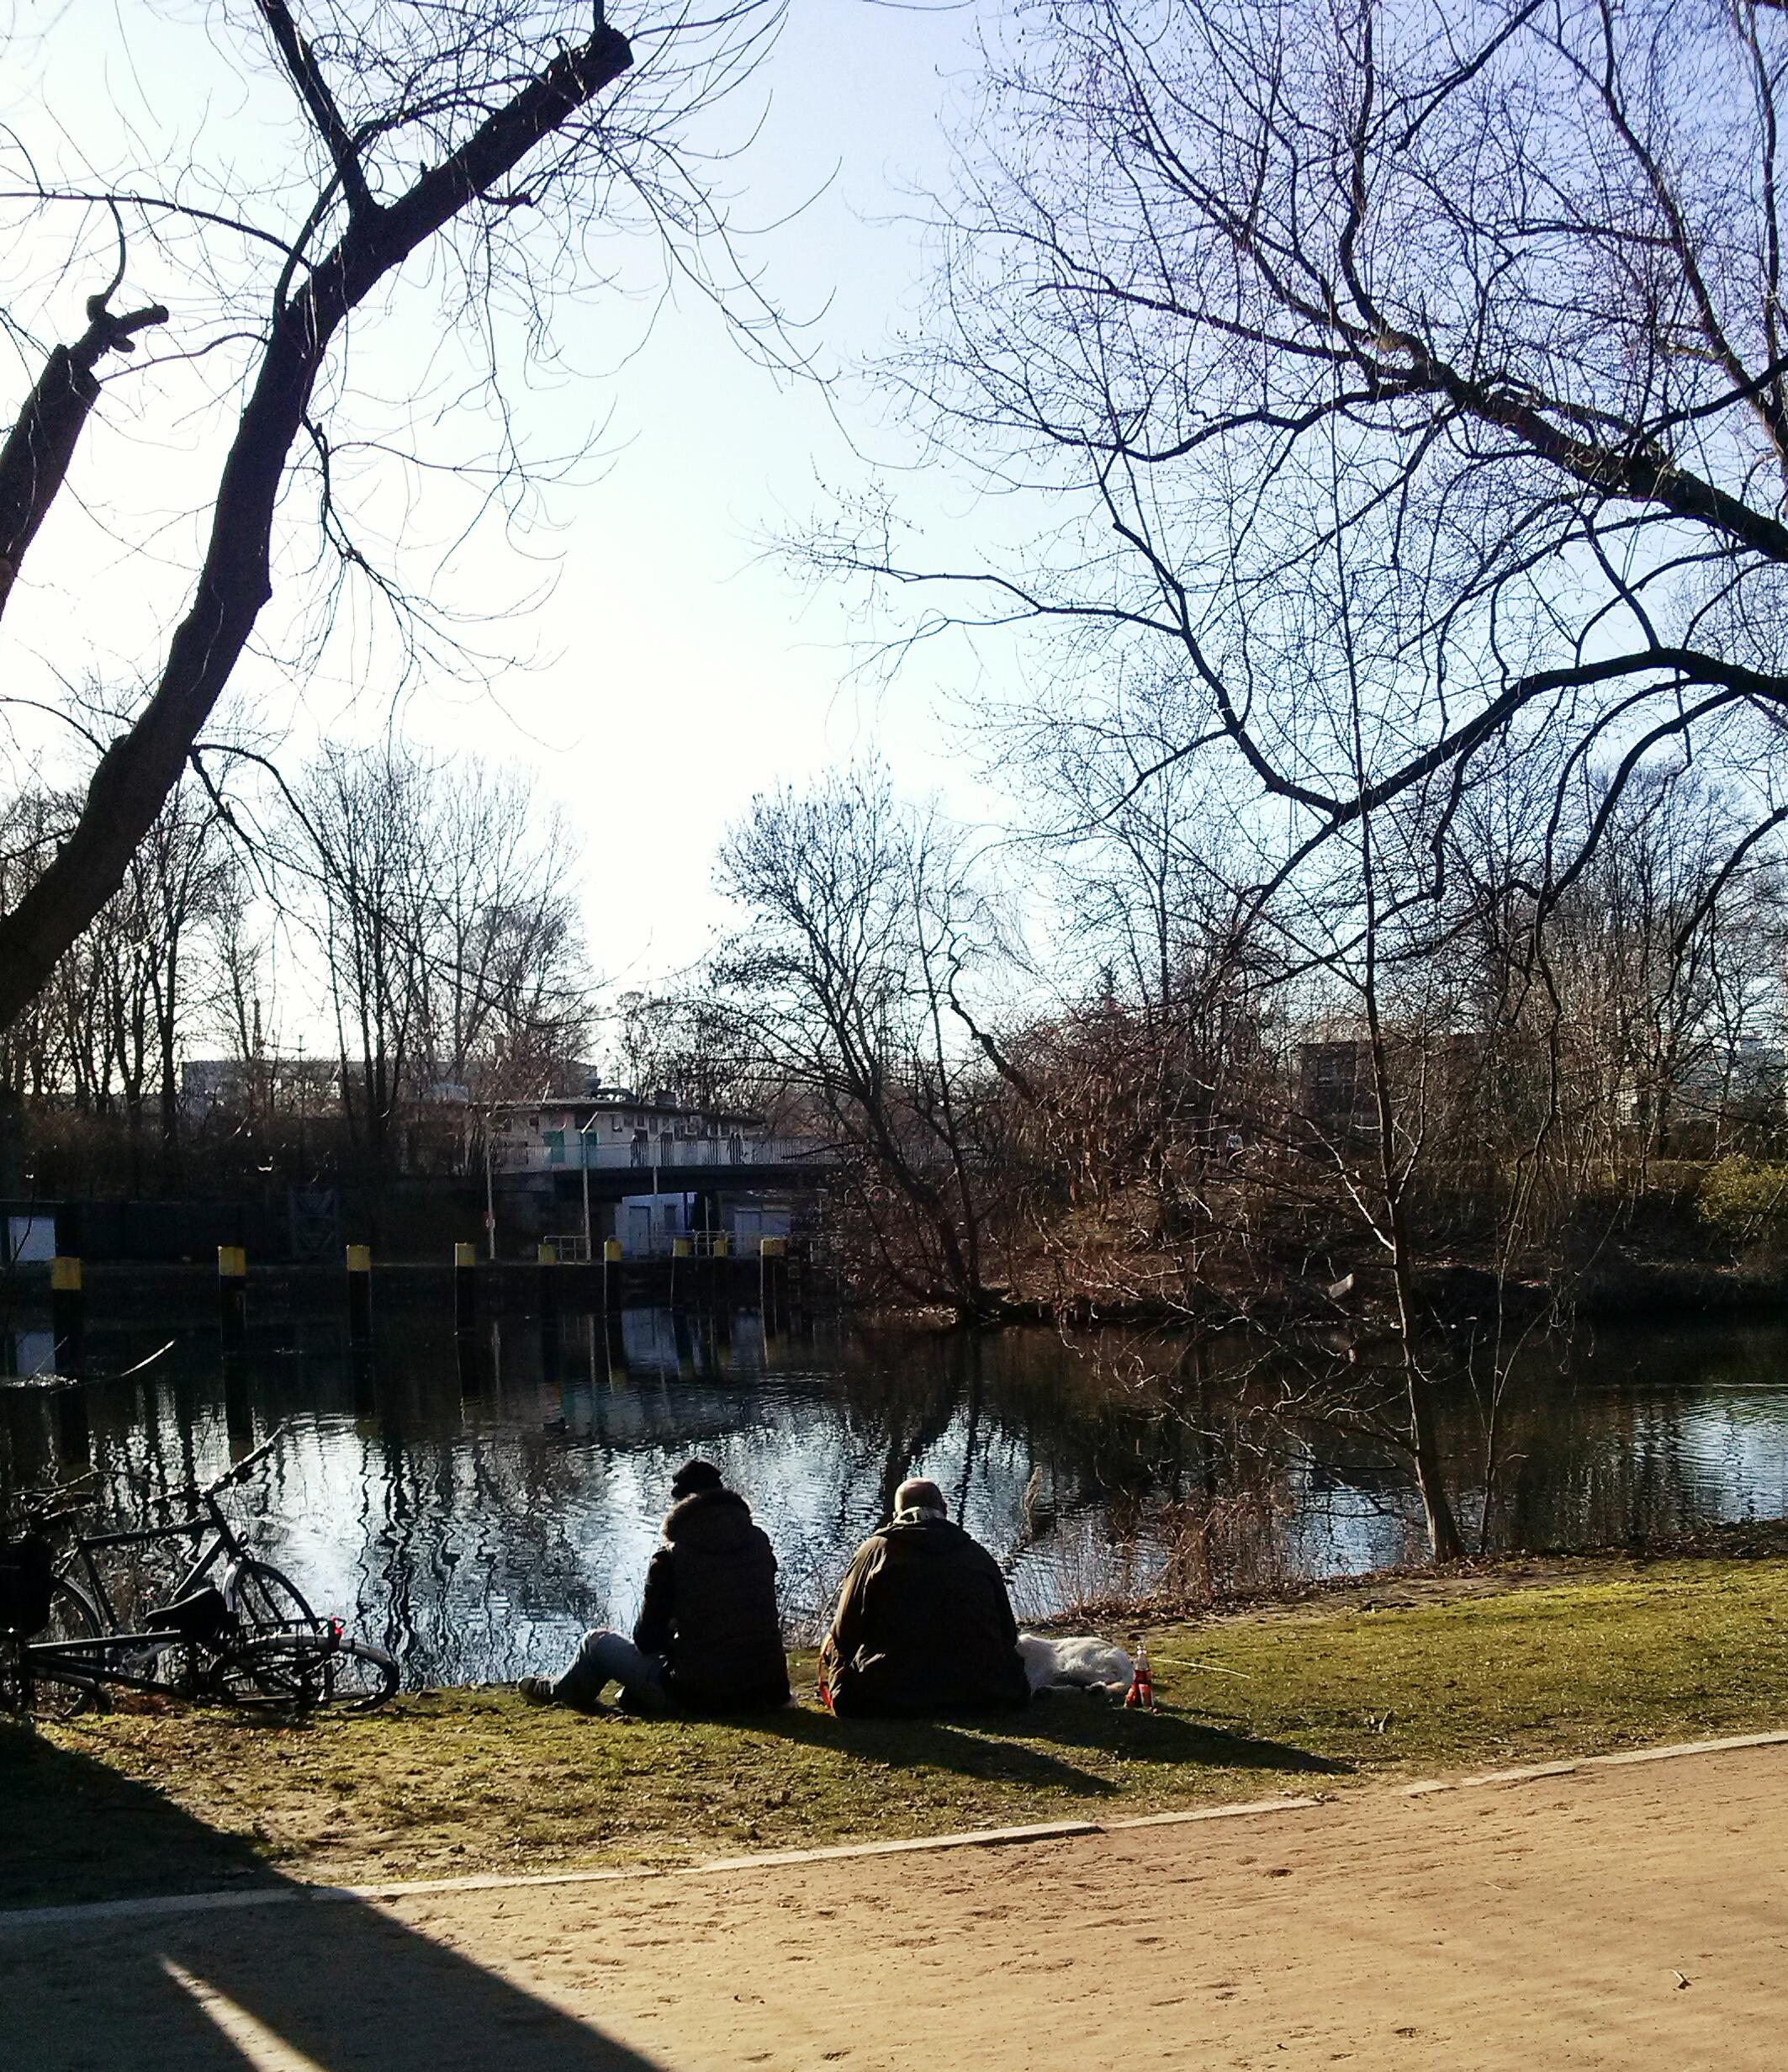 Άνθρωποι στο πάρκο ΙΙΙ